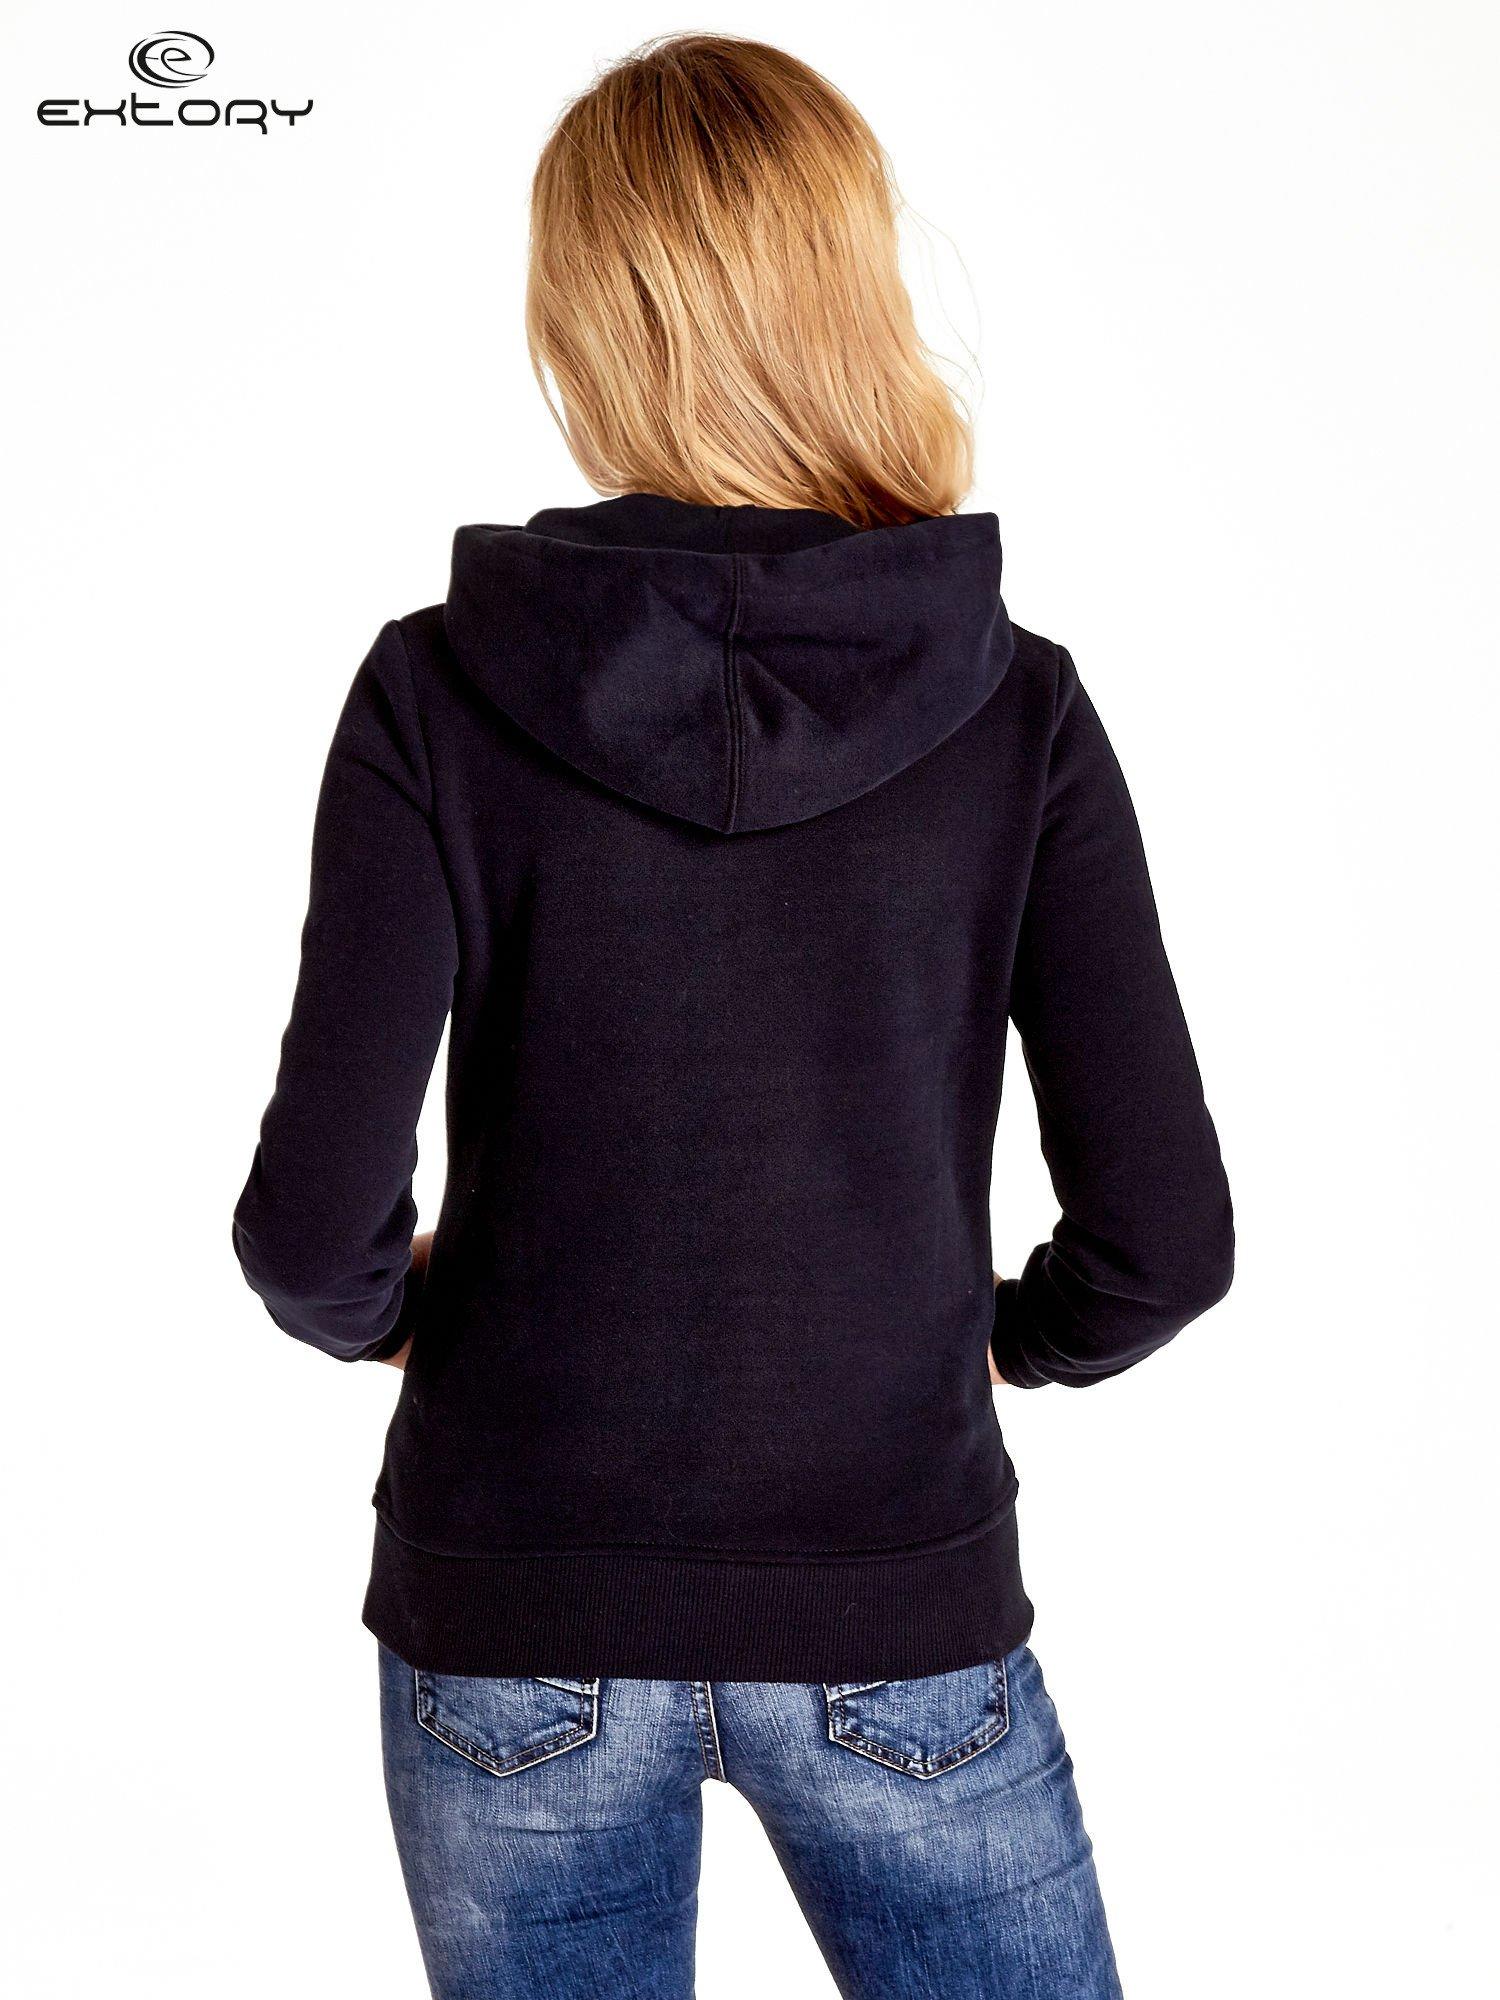 Ciemnogranatowa bluza sportowa z kapturem i nadrukiem w romby                                  zdj.                                  4